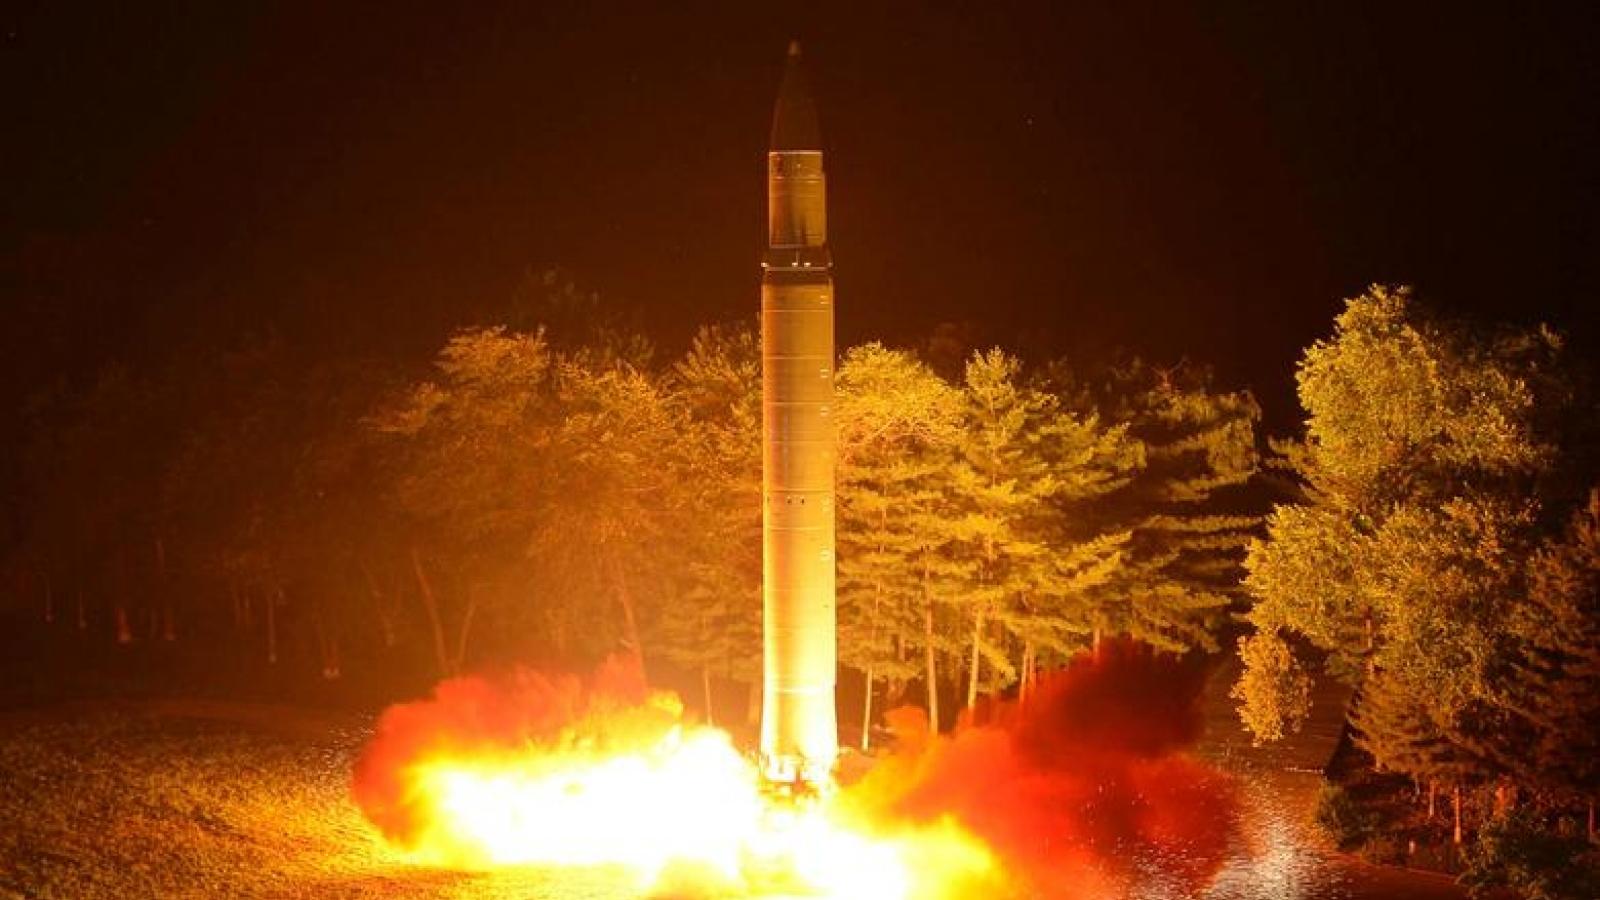 Triều Tiên có kế hoạch tăng sức mạnh vũ khí hạt nhân hủy diệt